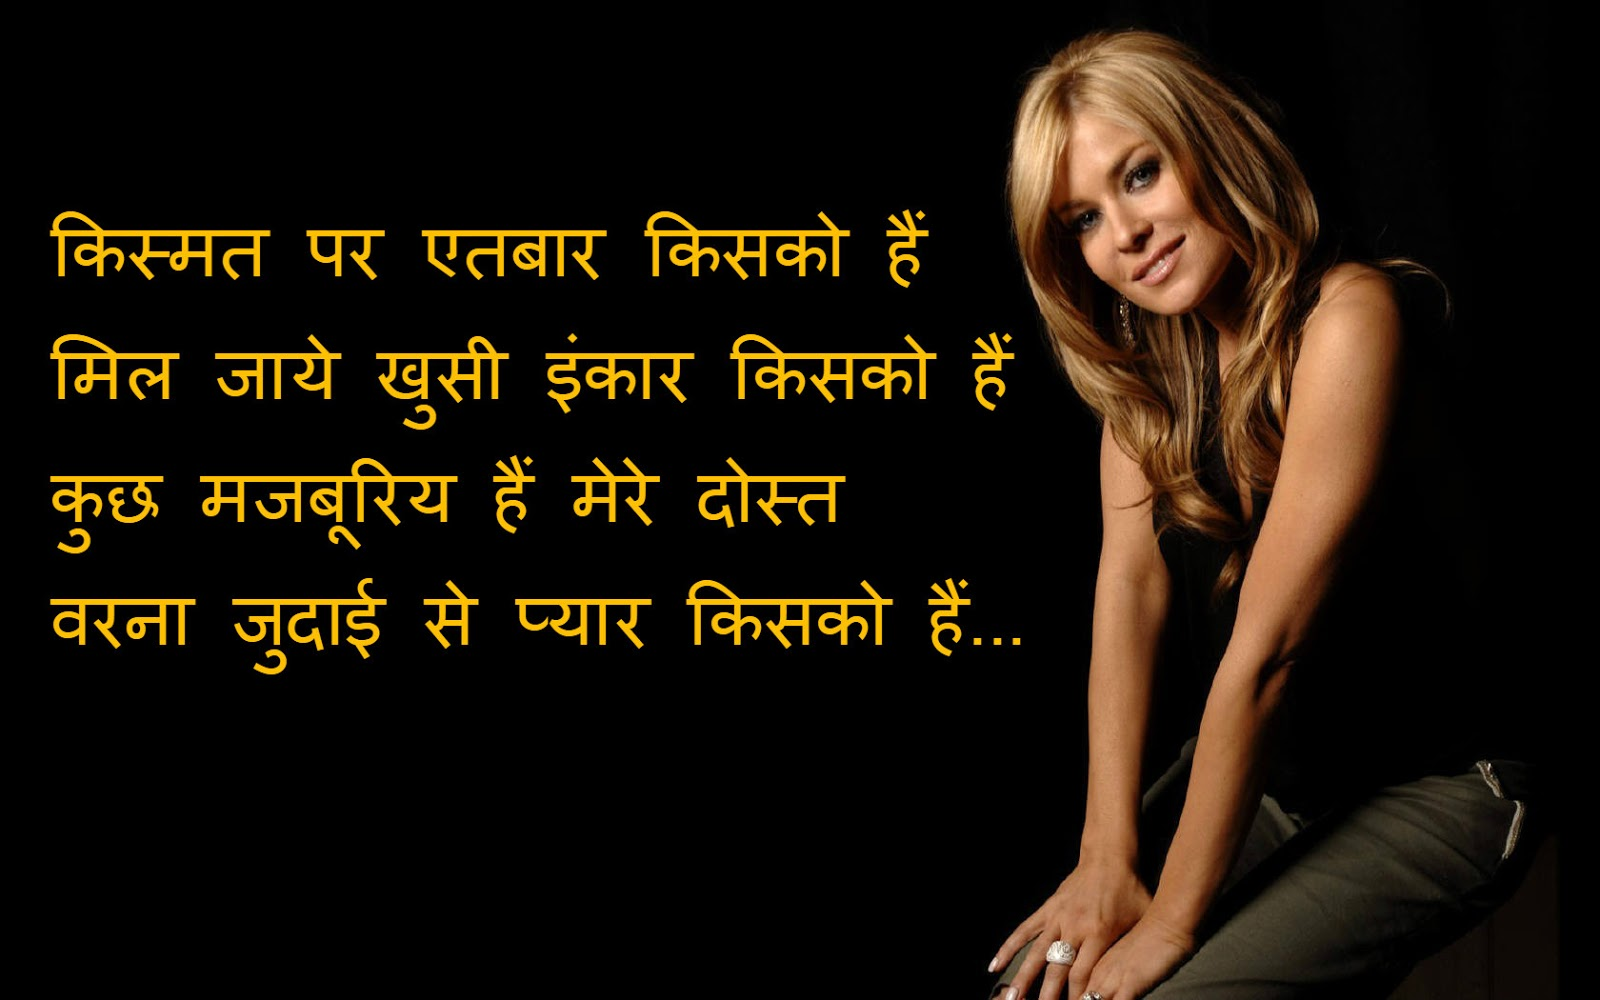 Hindi Love Shayaris - Best Love Shayari in Hindi, Latest